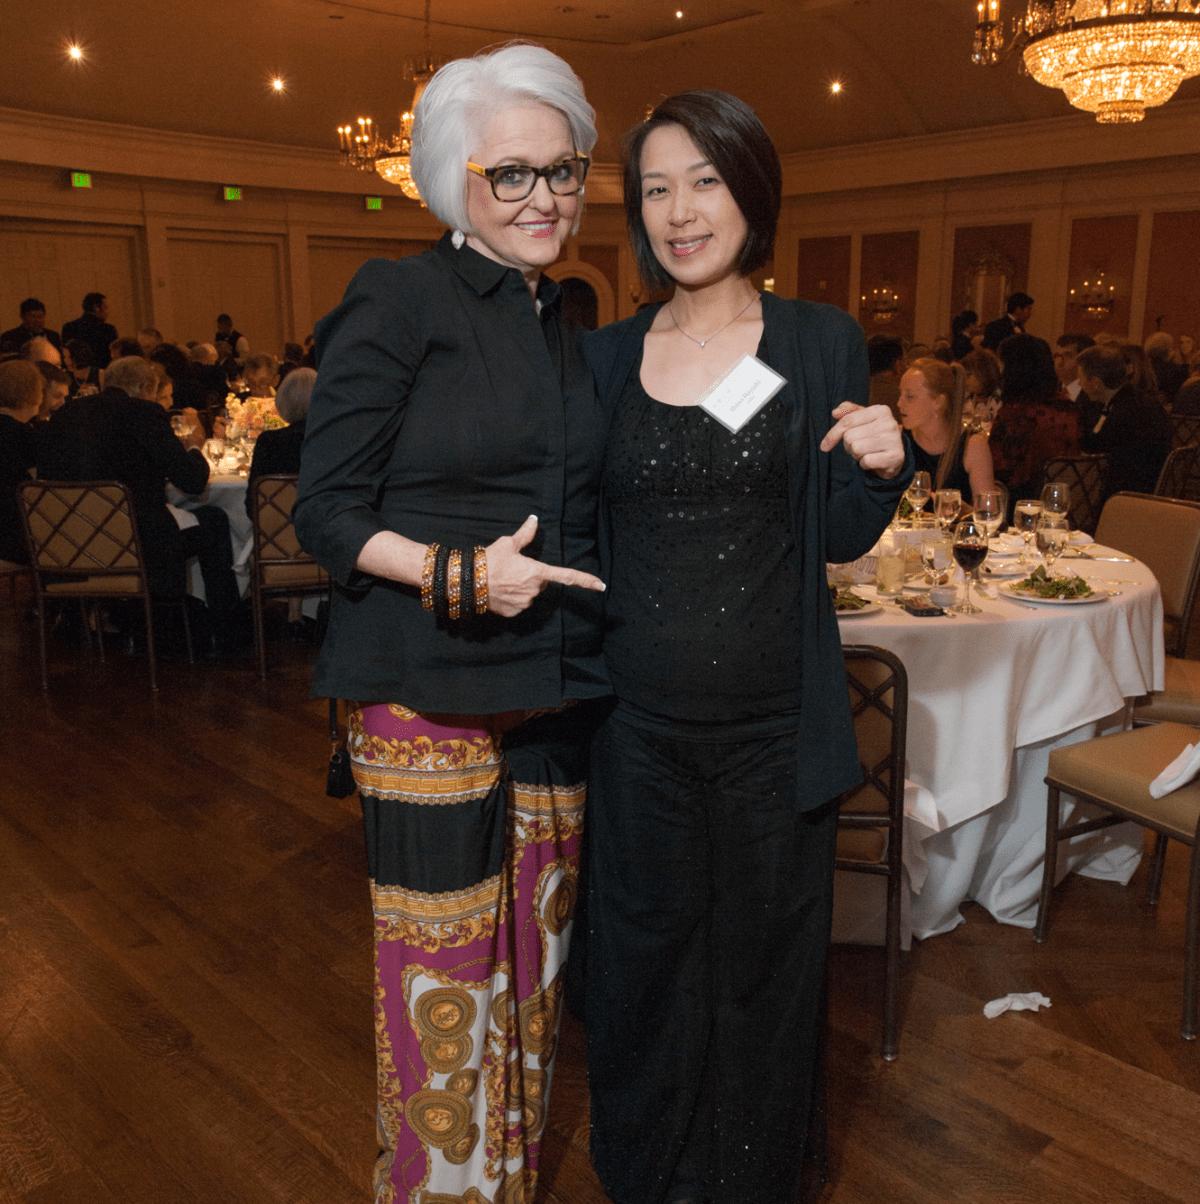 Houston, River Oaks Chamber Orchestra Gala, October 2015, Jenny Knight, Shino Hayashi